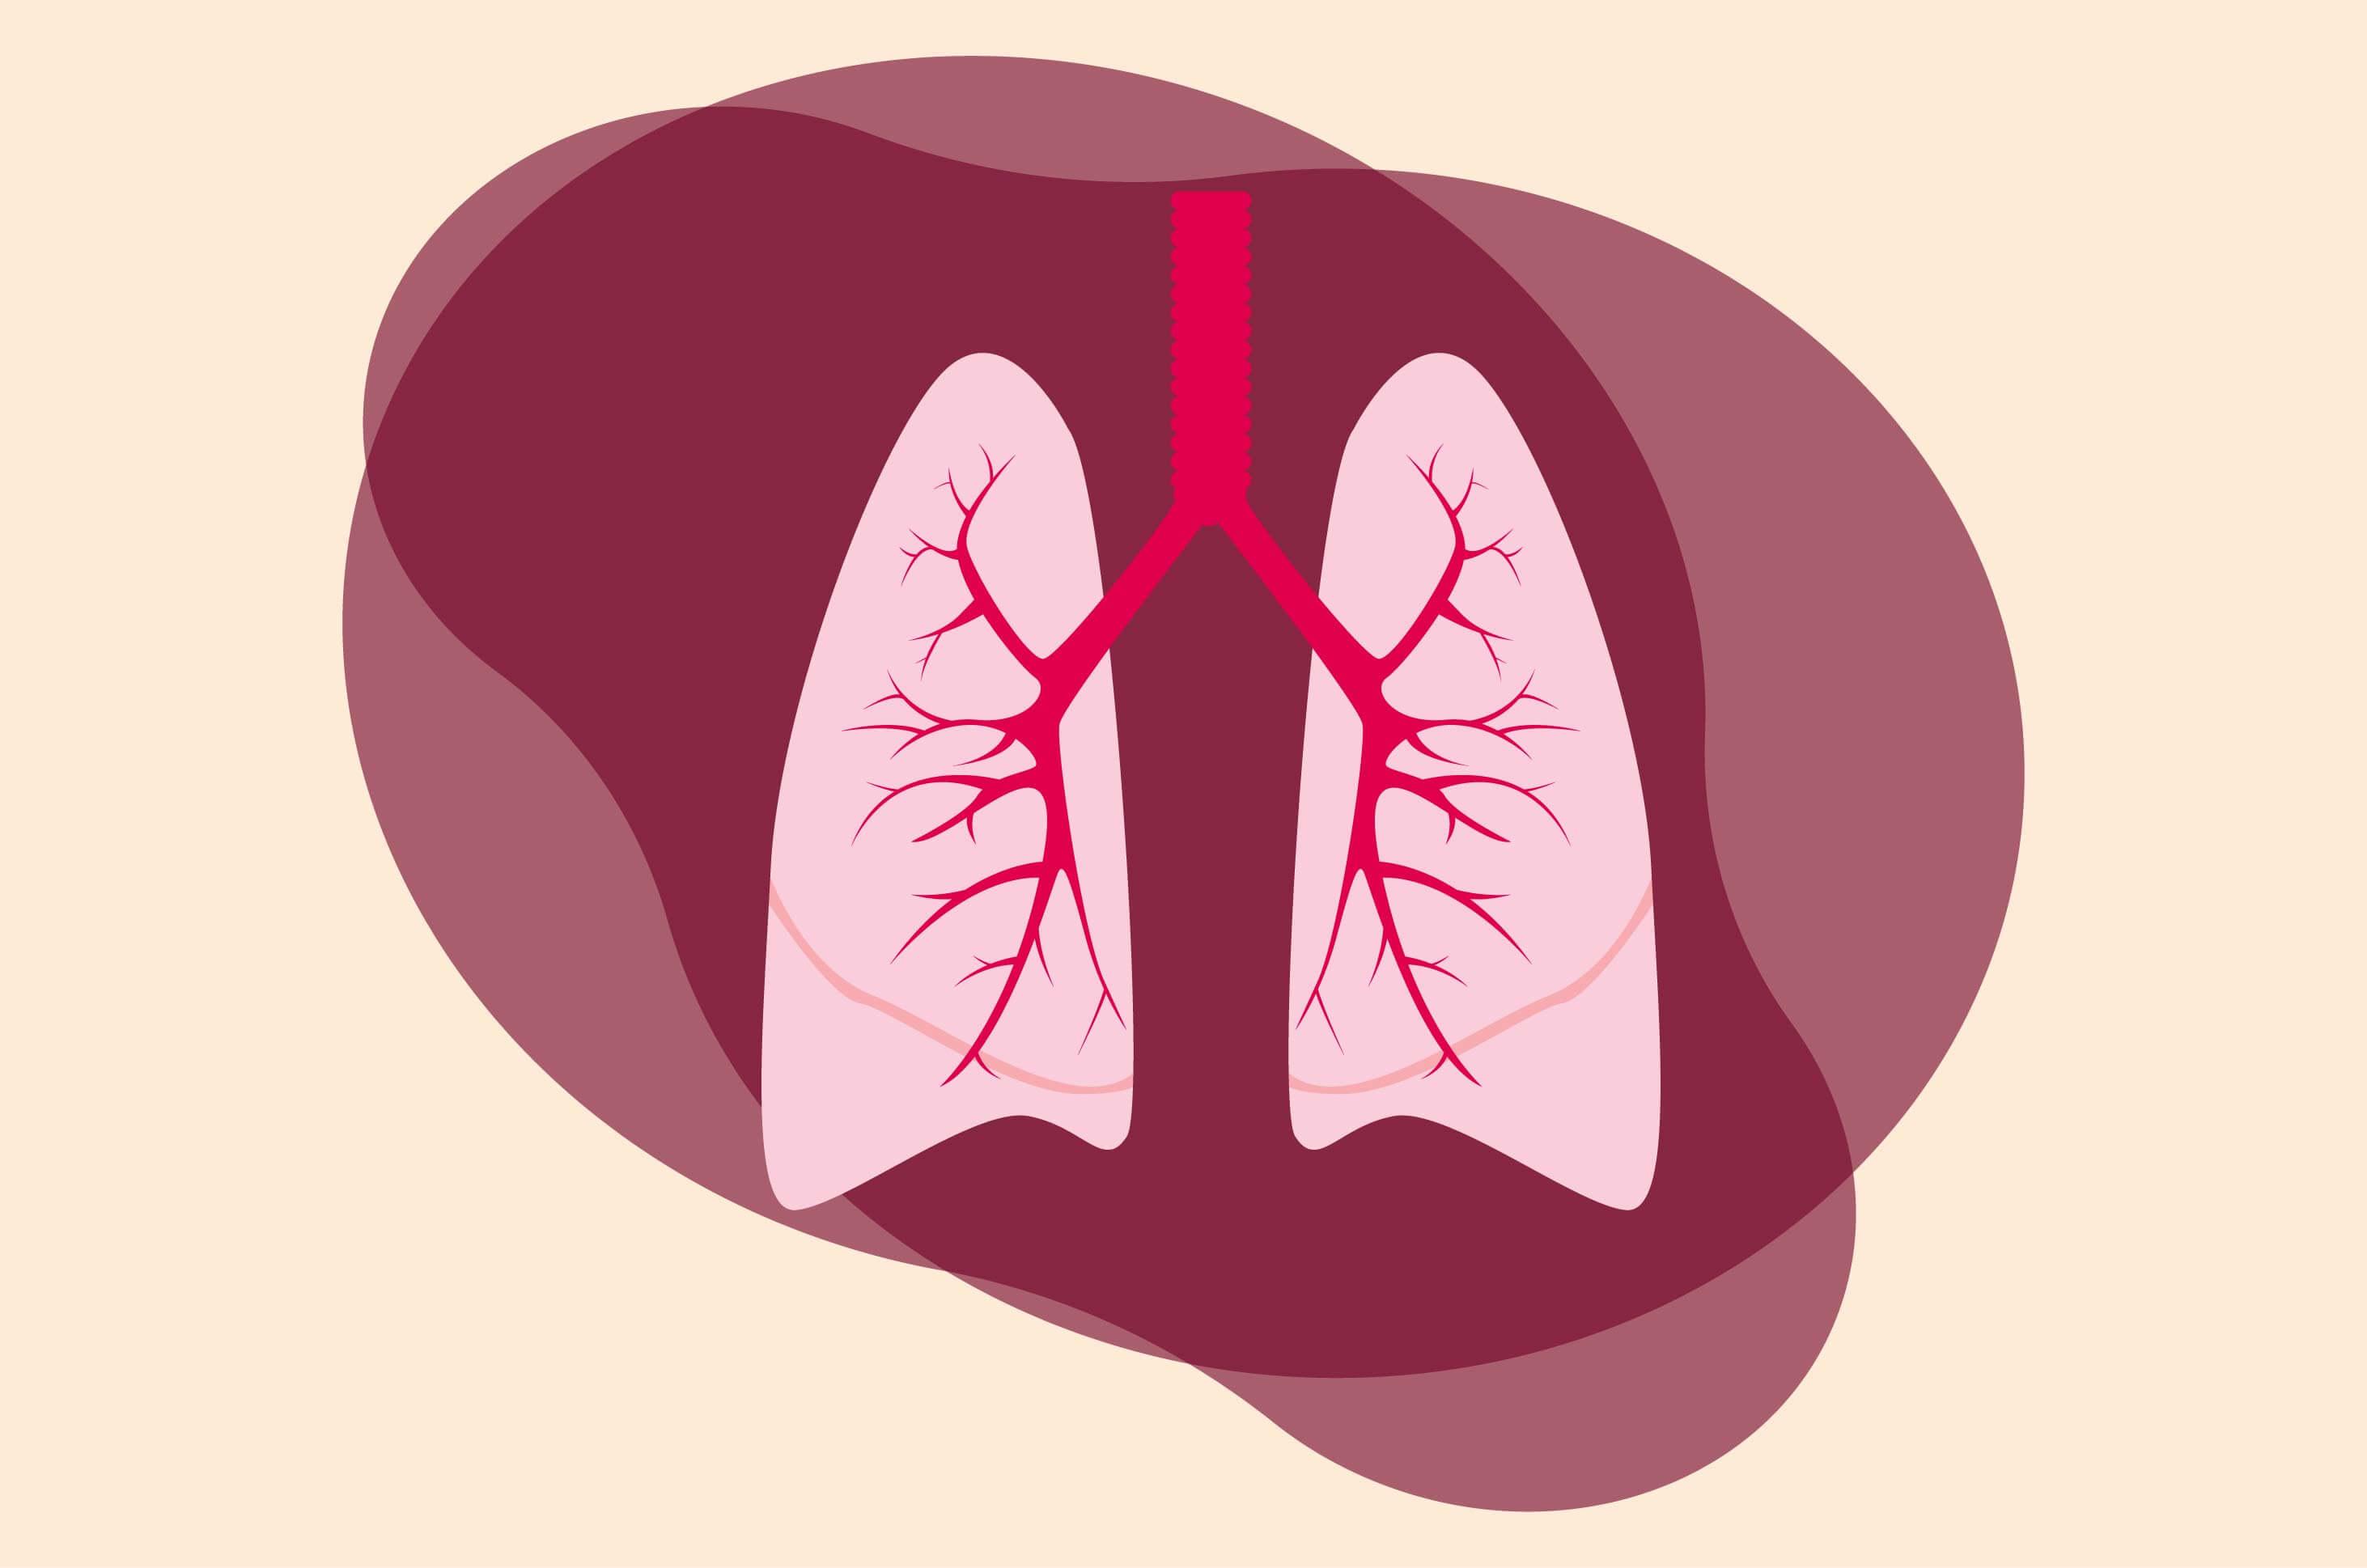 Tempat Pengobatan Pneumonia di Tangerang Paling Dicari Karena Mujarab